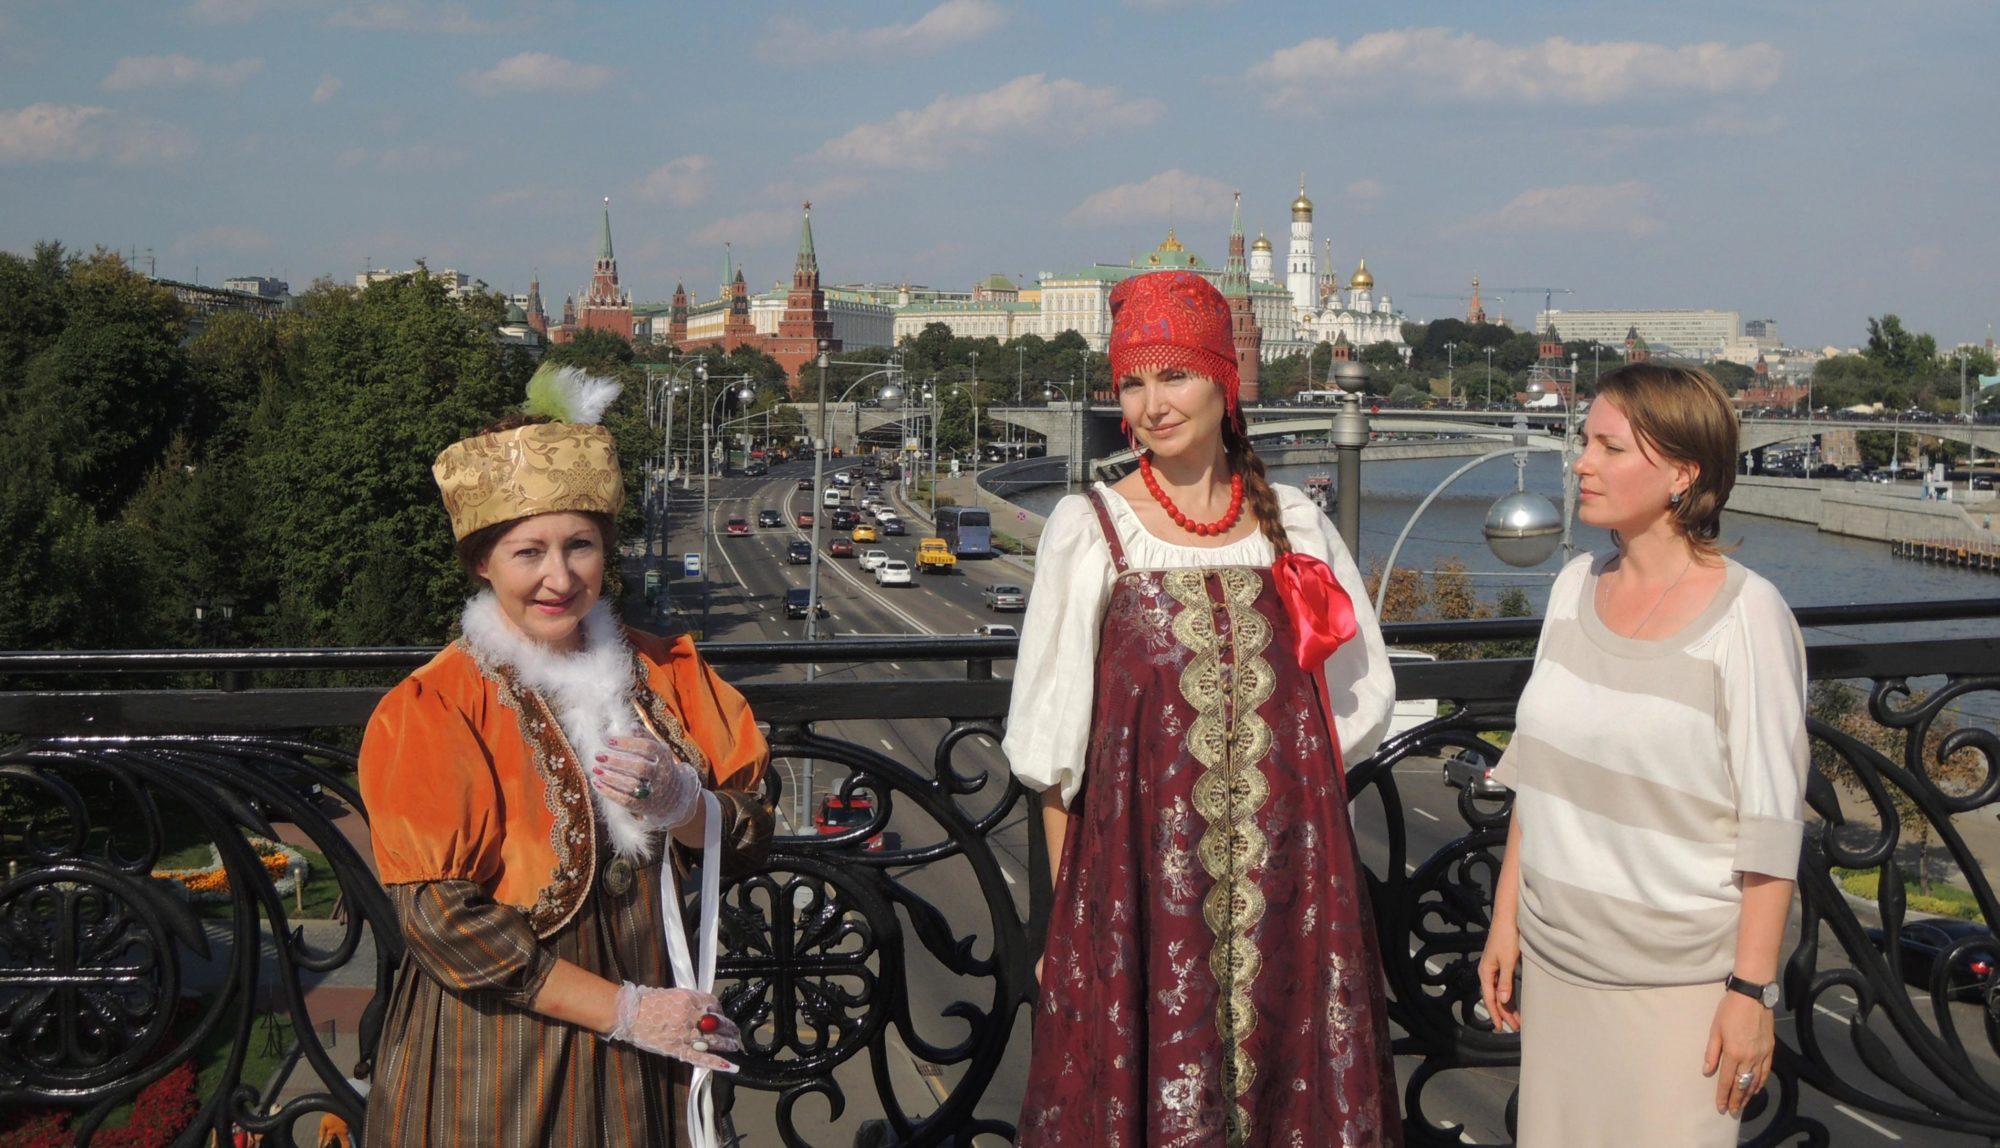 Пешеходная экскурсия «Московская панорама: через века за тысячу шагов» – события на сайте «Московские Сезоны»